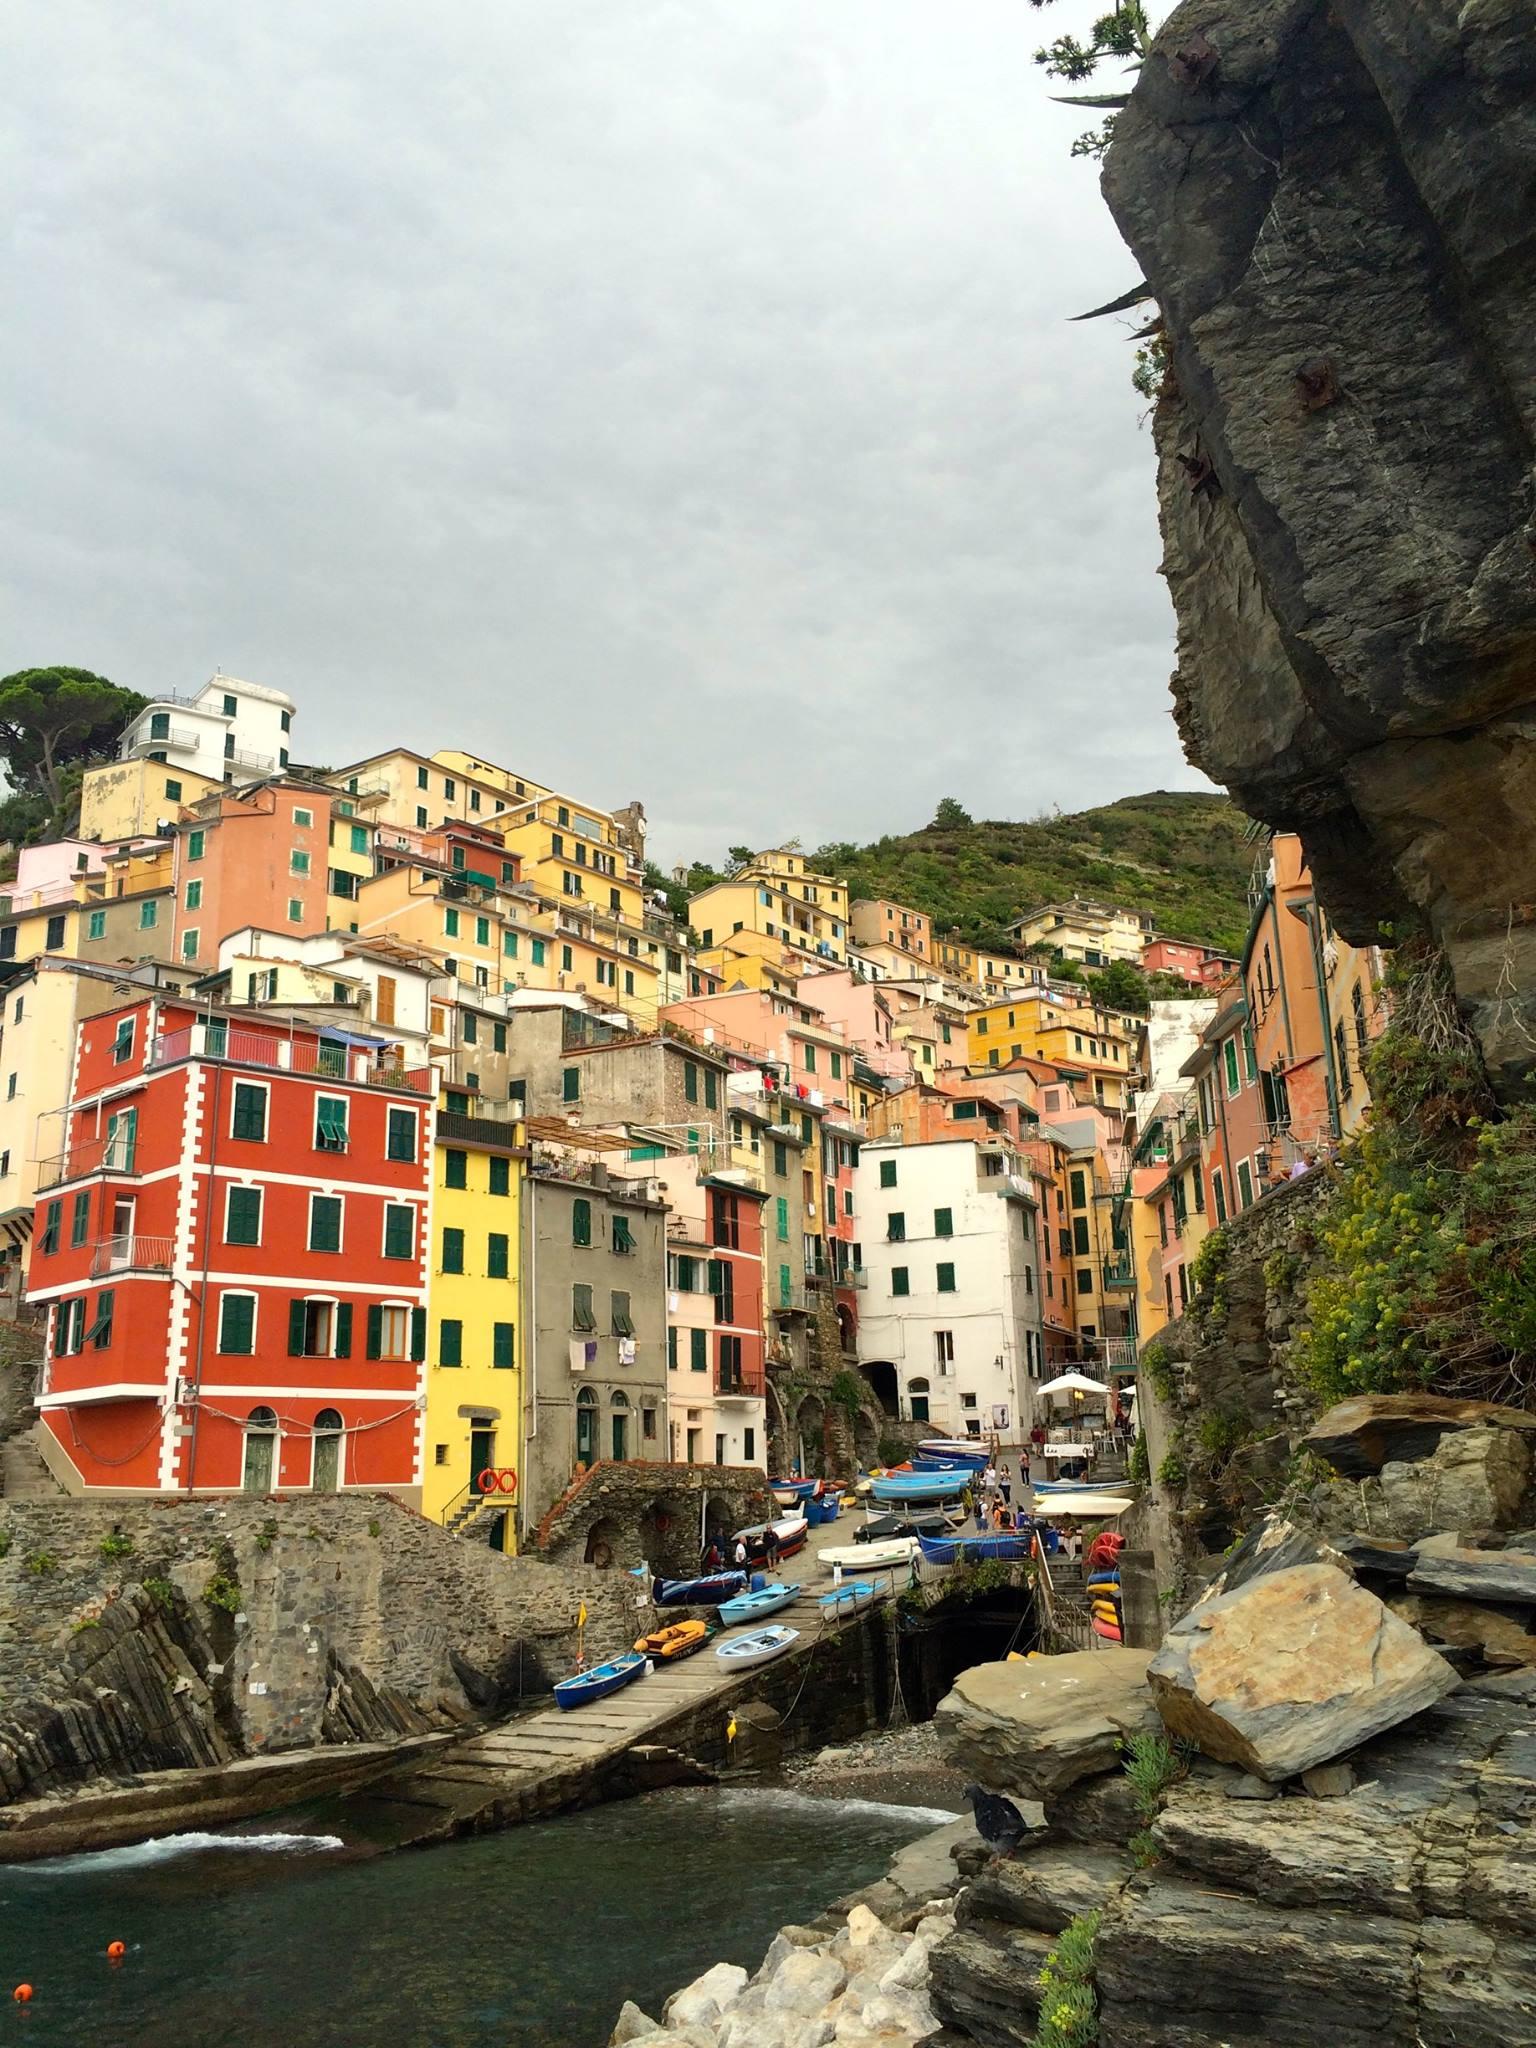 Cinque Terre Fishing Village Riomaggiore, Italy - Step Back in Time in Cinque Terre